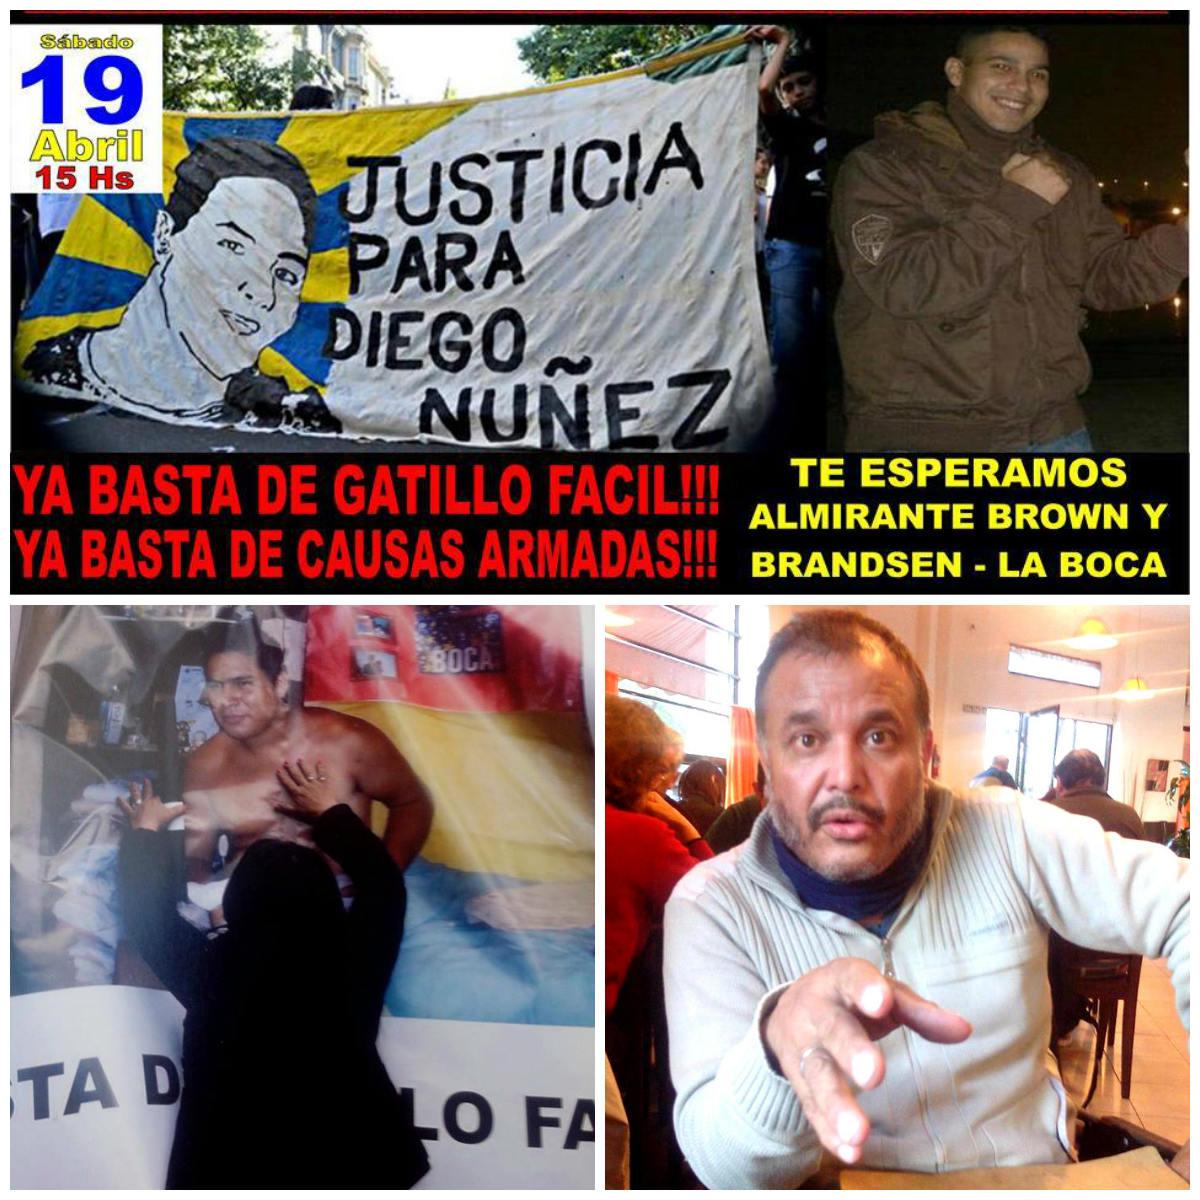 ¡Justicia para Diego/ libertad para Francisco!